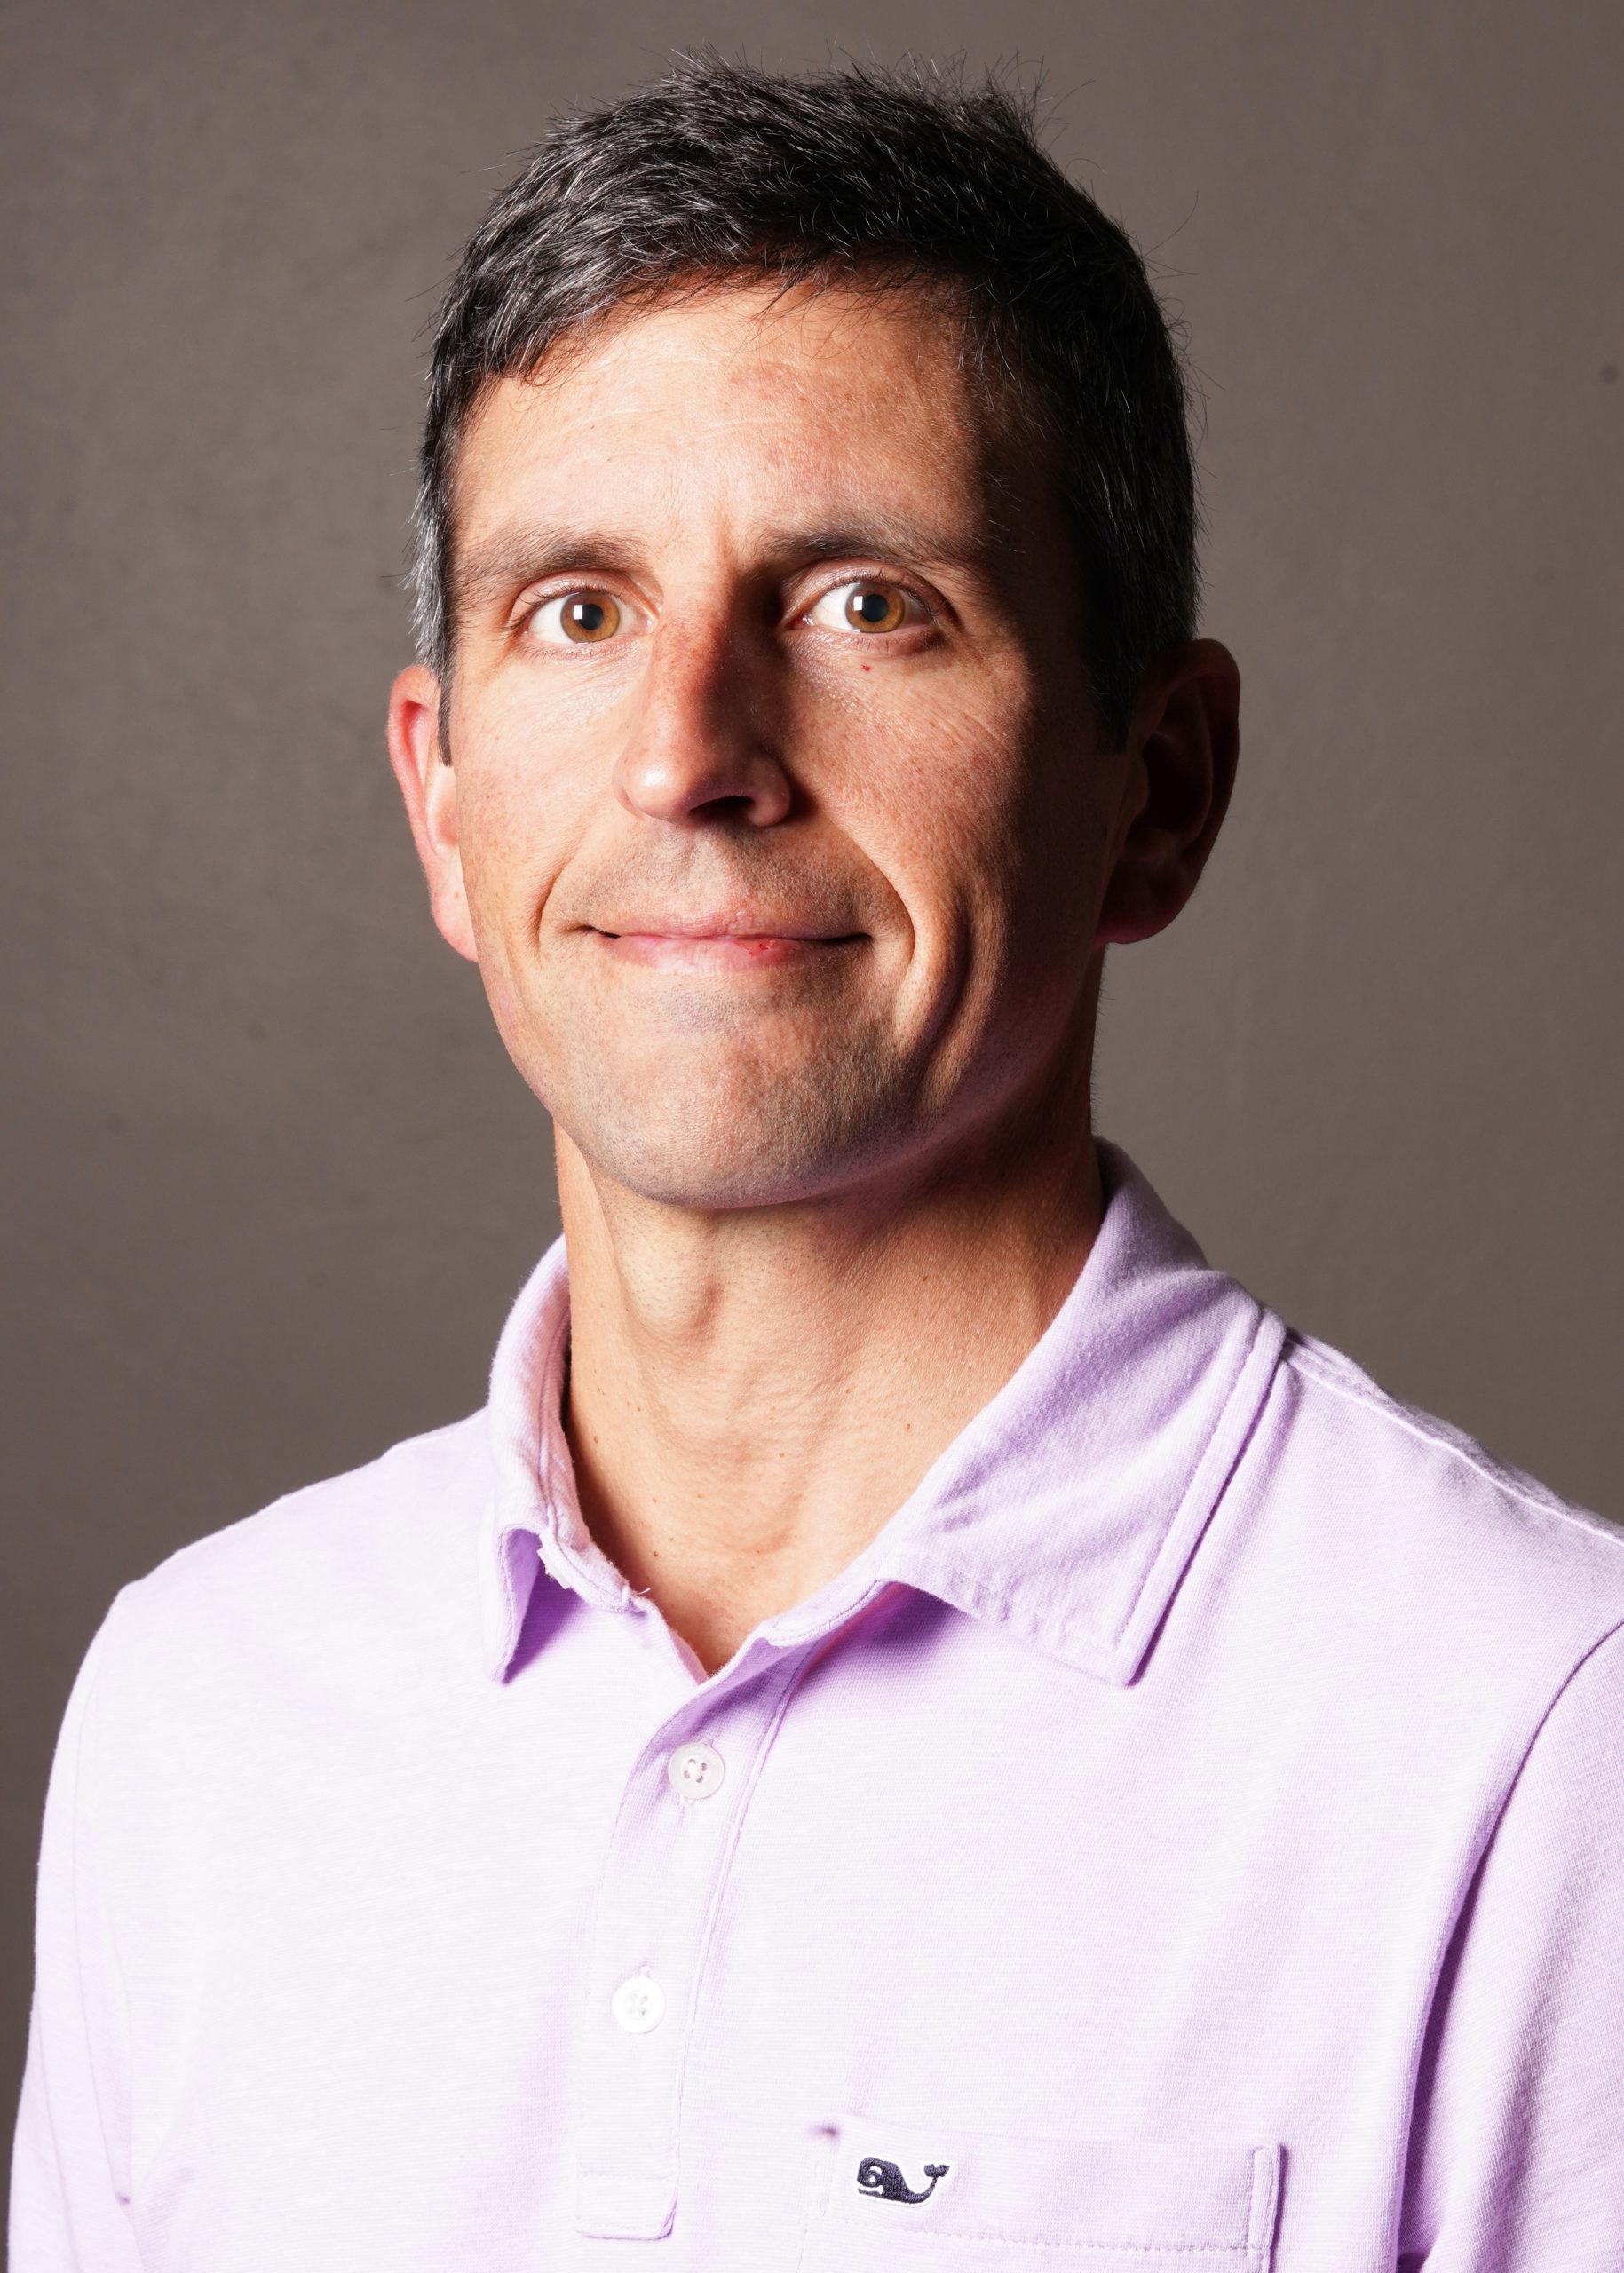 Image of Wes Schempf